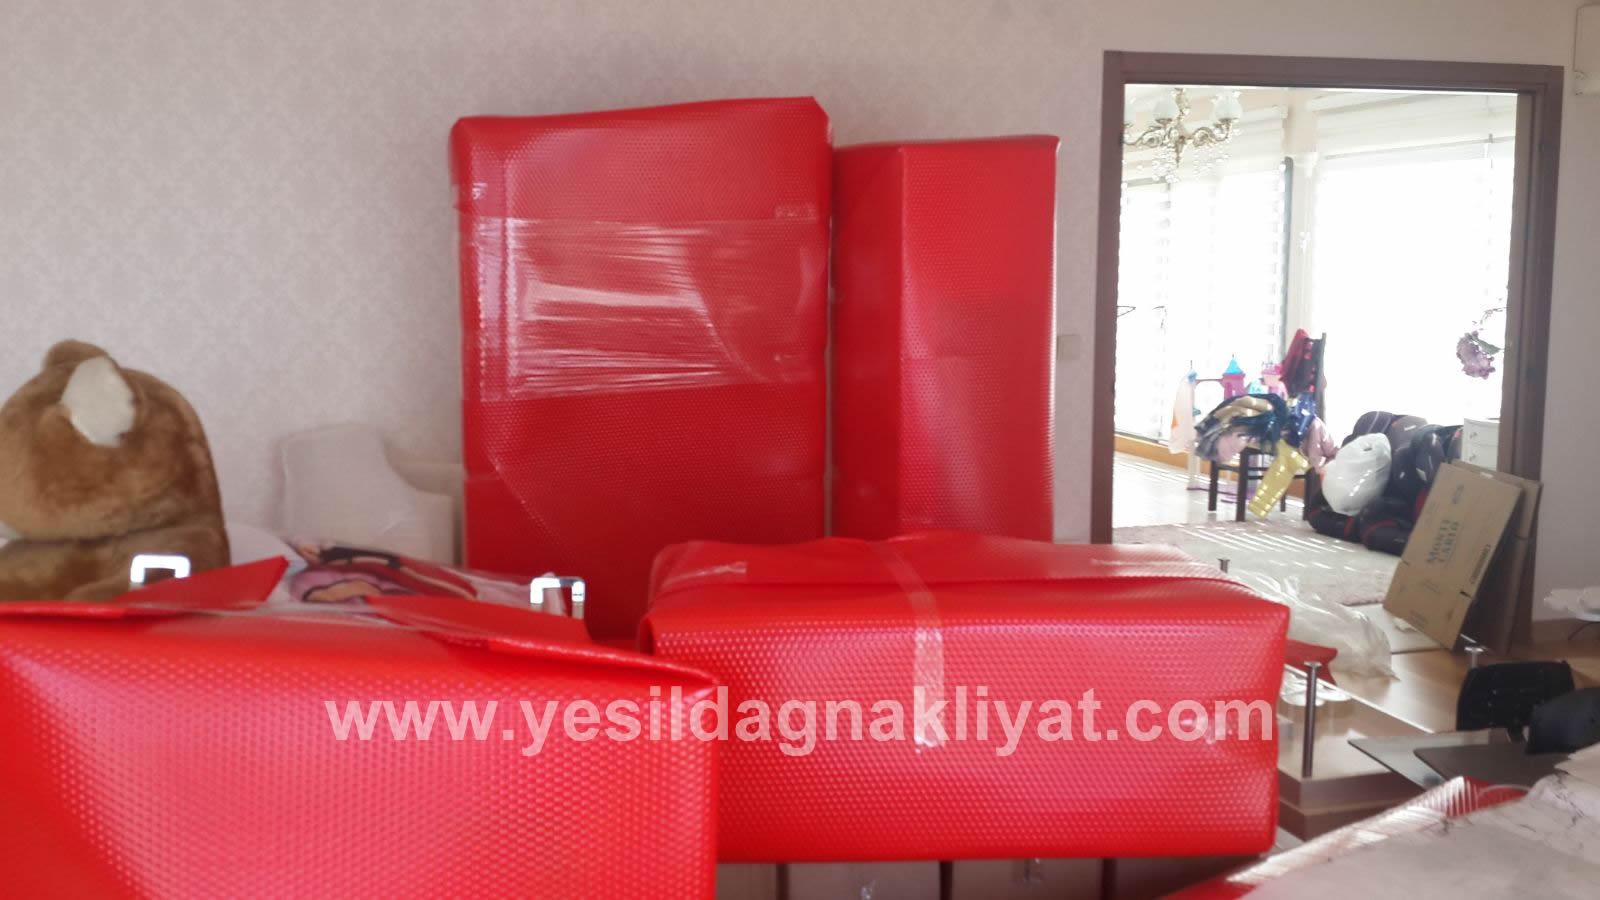 İstanbul Evden Eve Taşımacılık Fiyatları